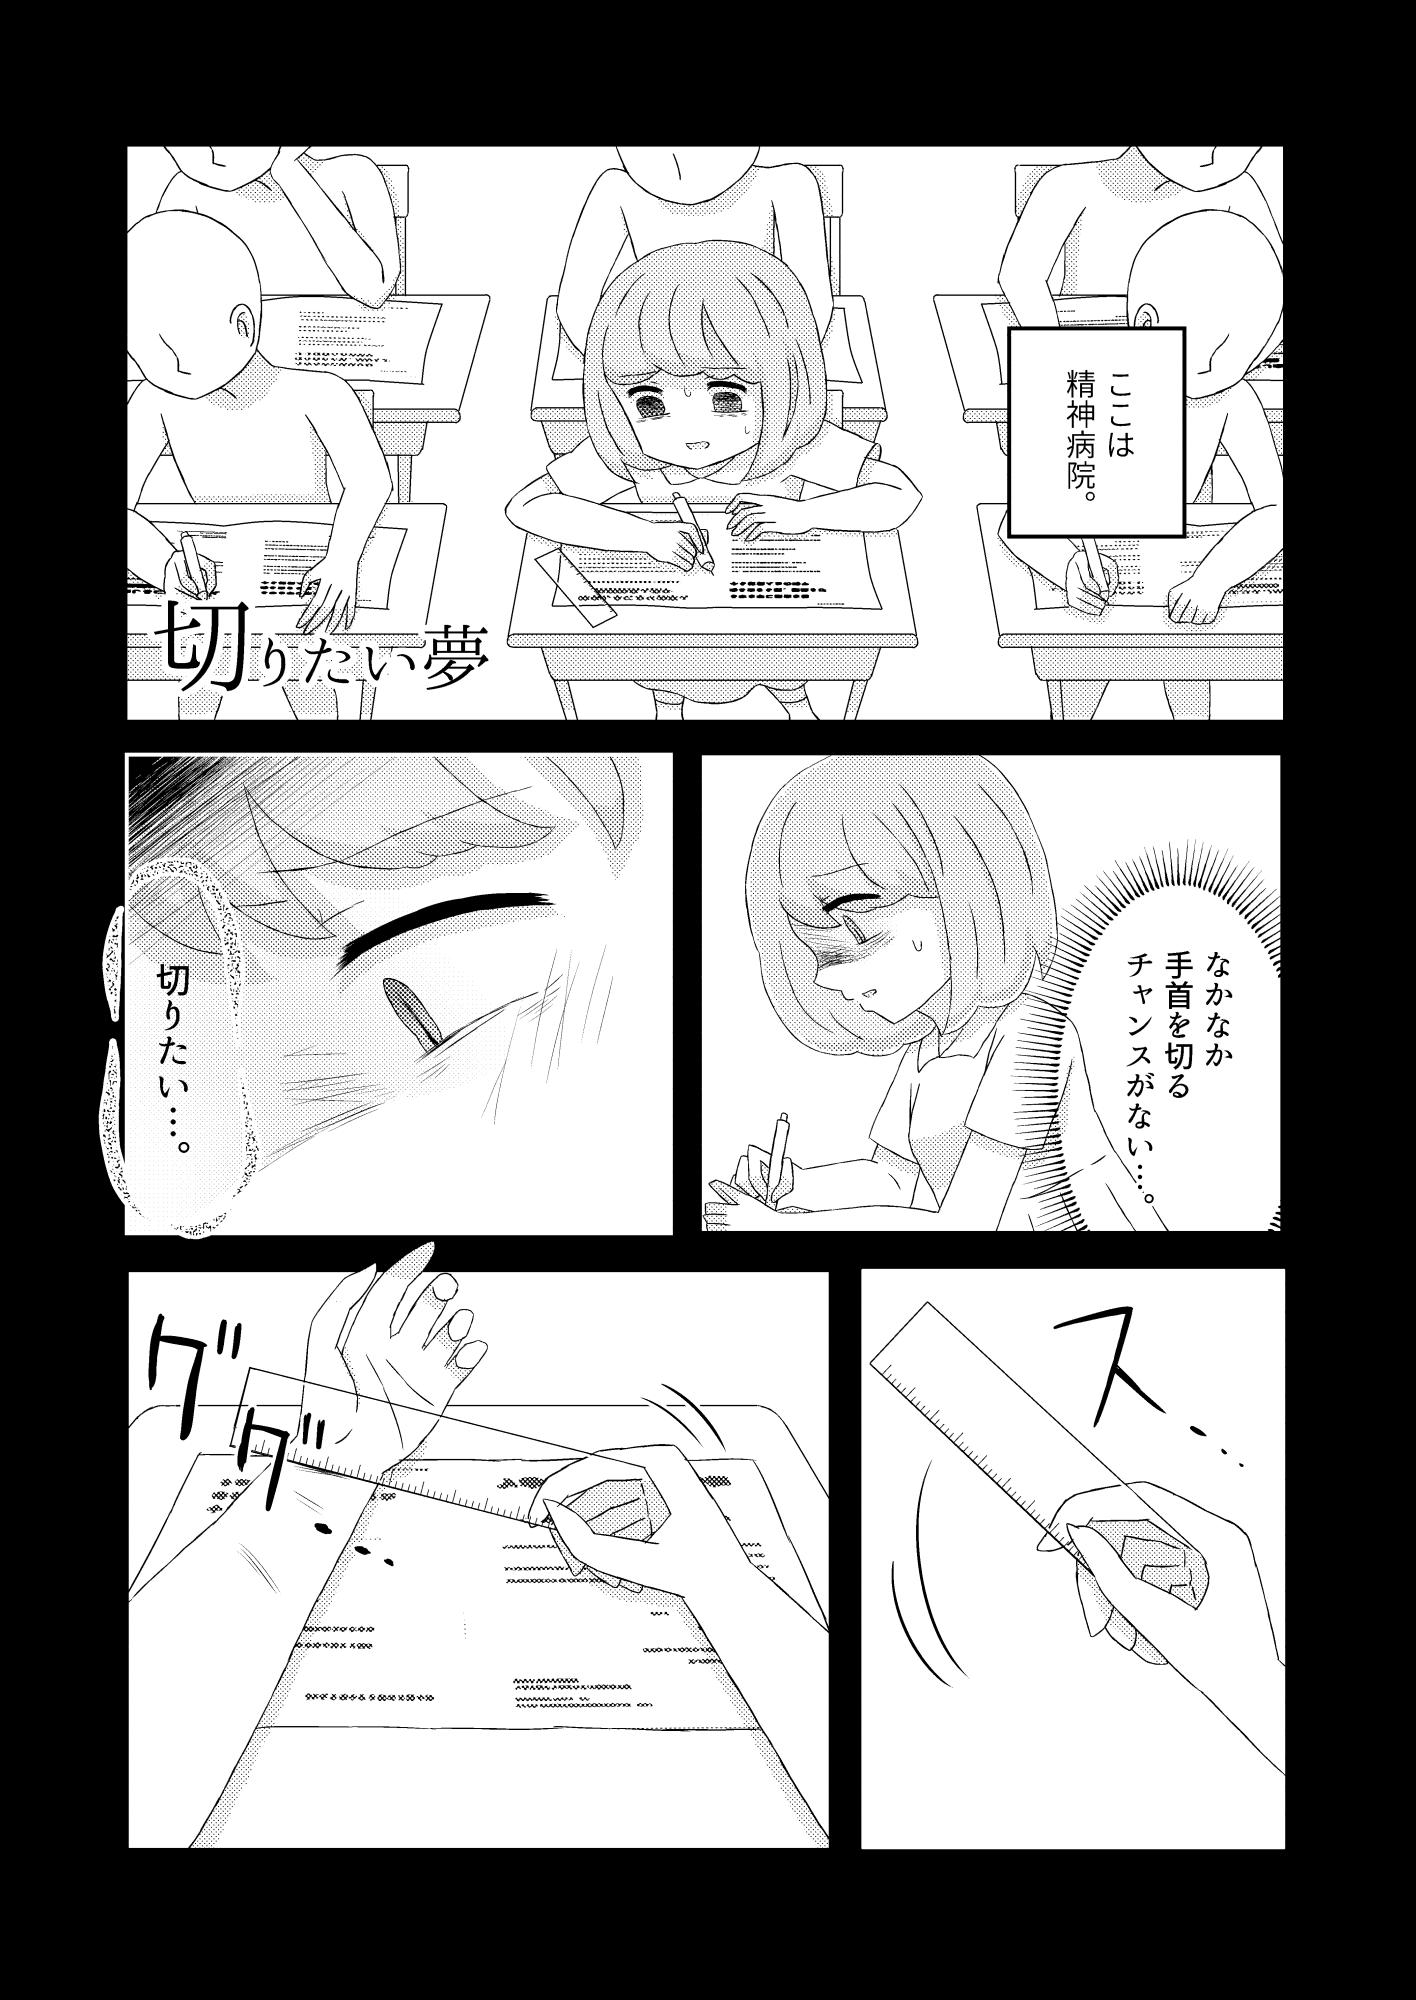 #悪夢日記 #作品 #漫画. #ホラー #ダーク #グロテスク #りゃんちゃん